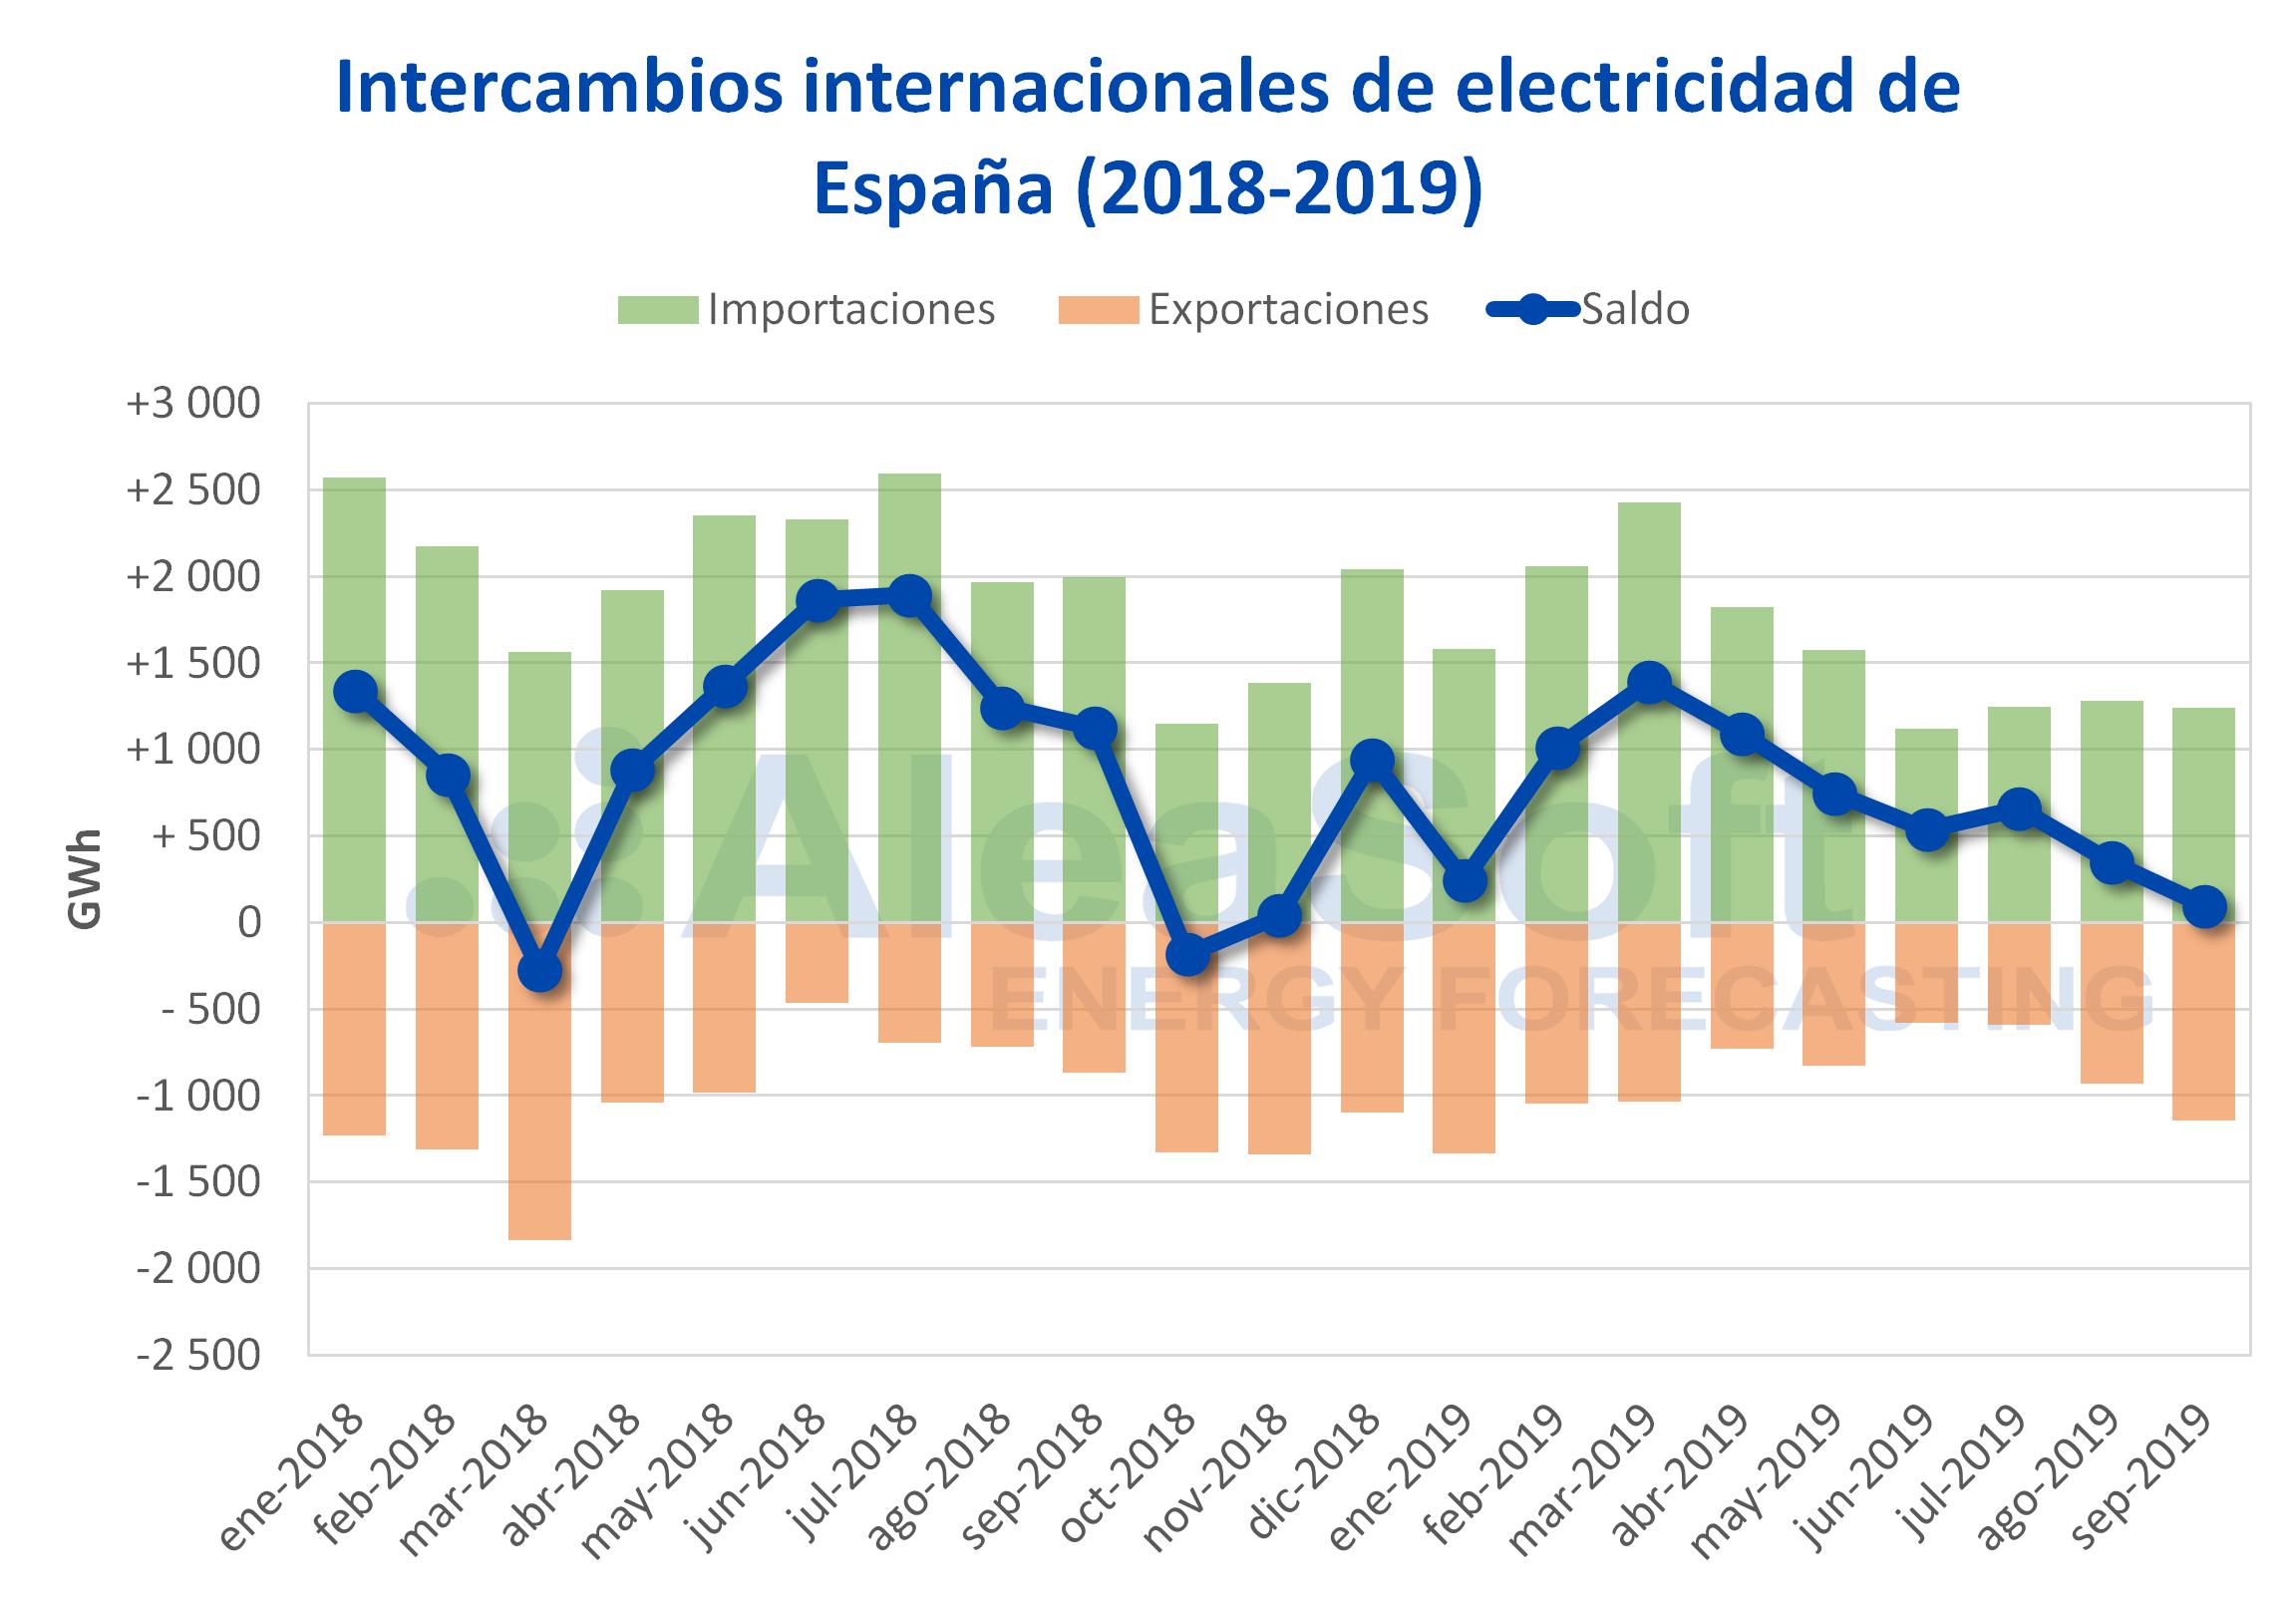 AleaSoft - Intercambios internacionales de electricidad 2018-2019